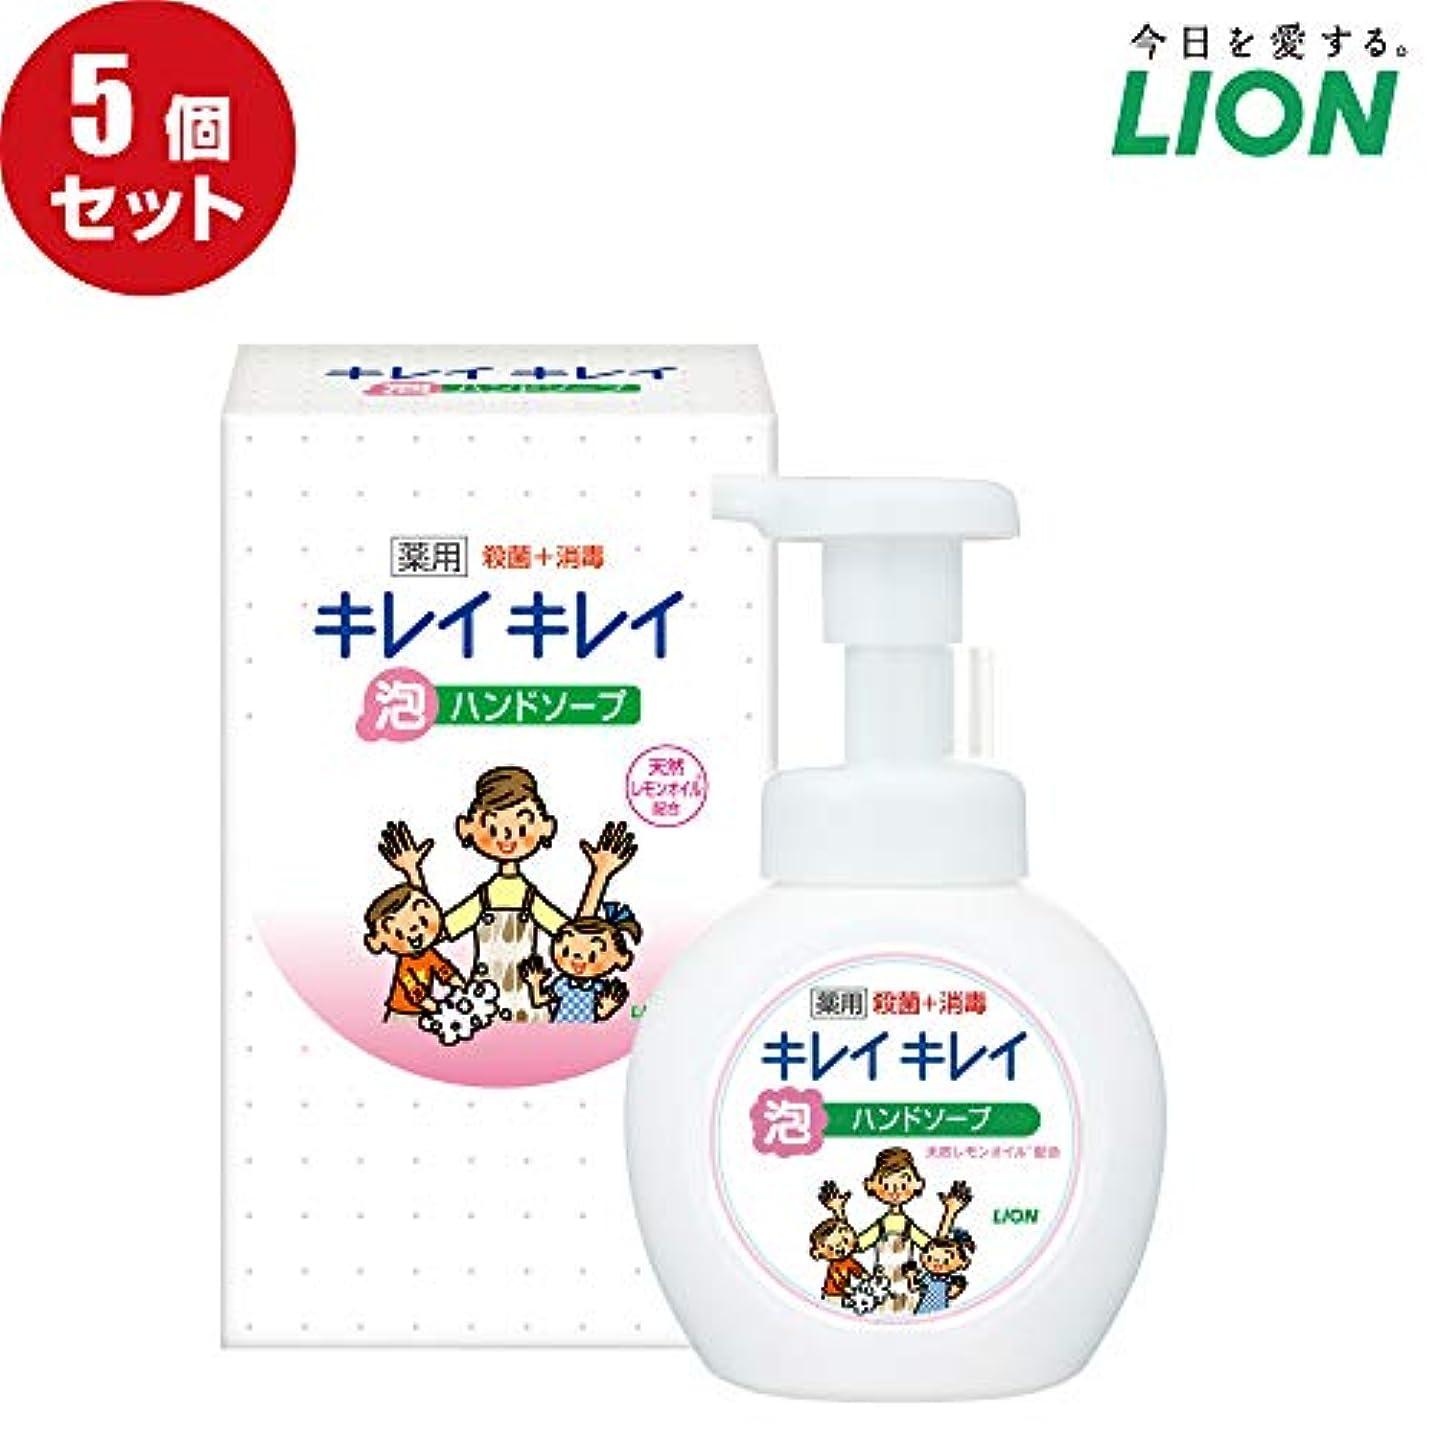 事業内容分析完璧な【5個セット】LION キレイキレイ薬用泡ハンドソープ250ml ノベルティギフト用化粧箱入